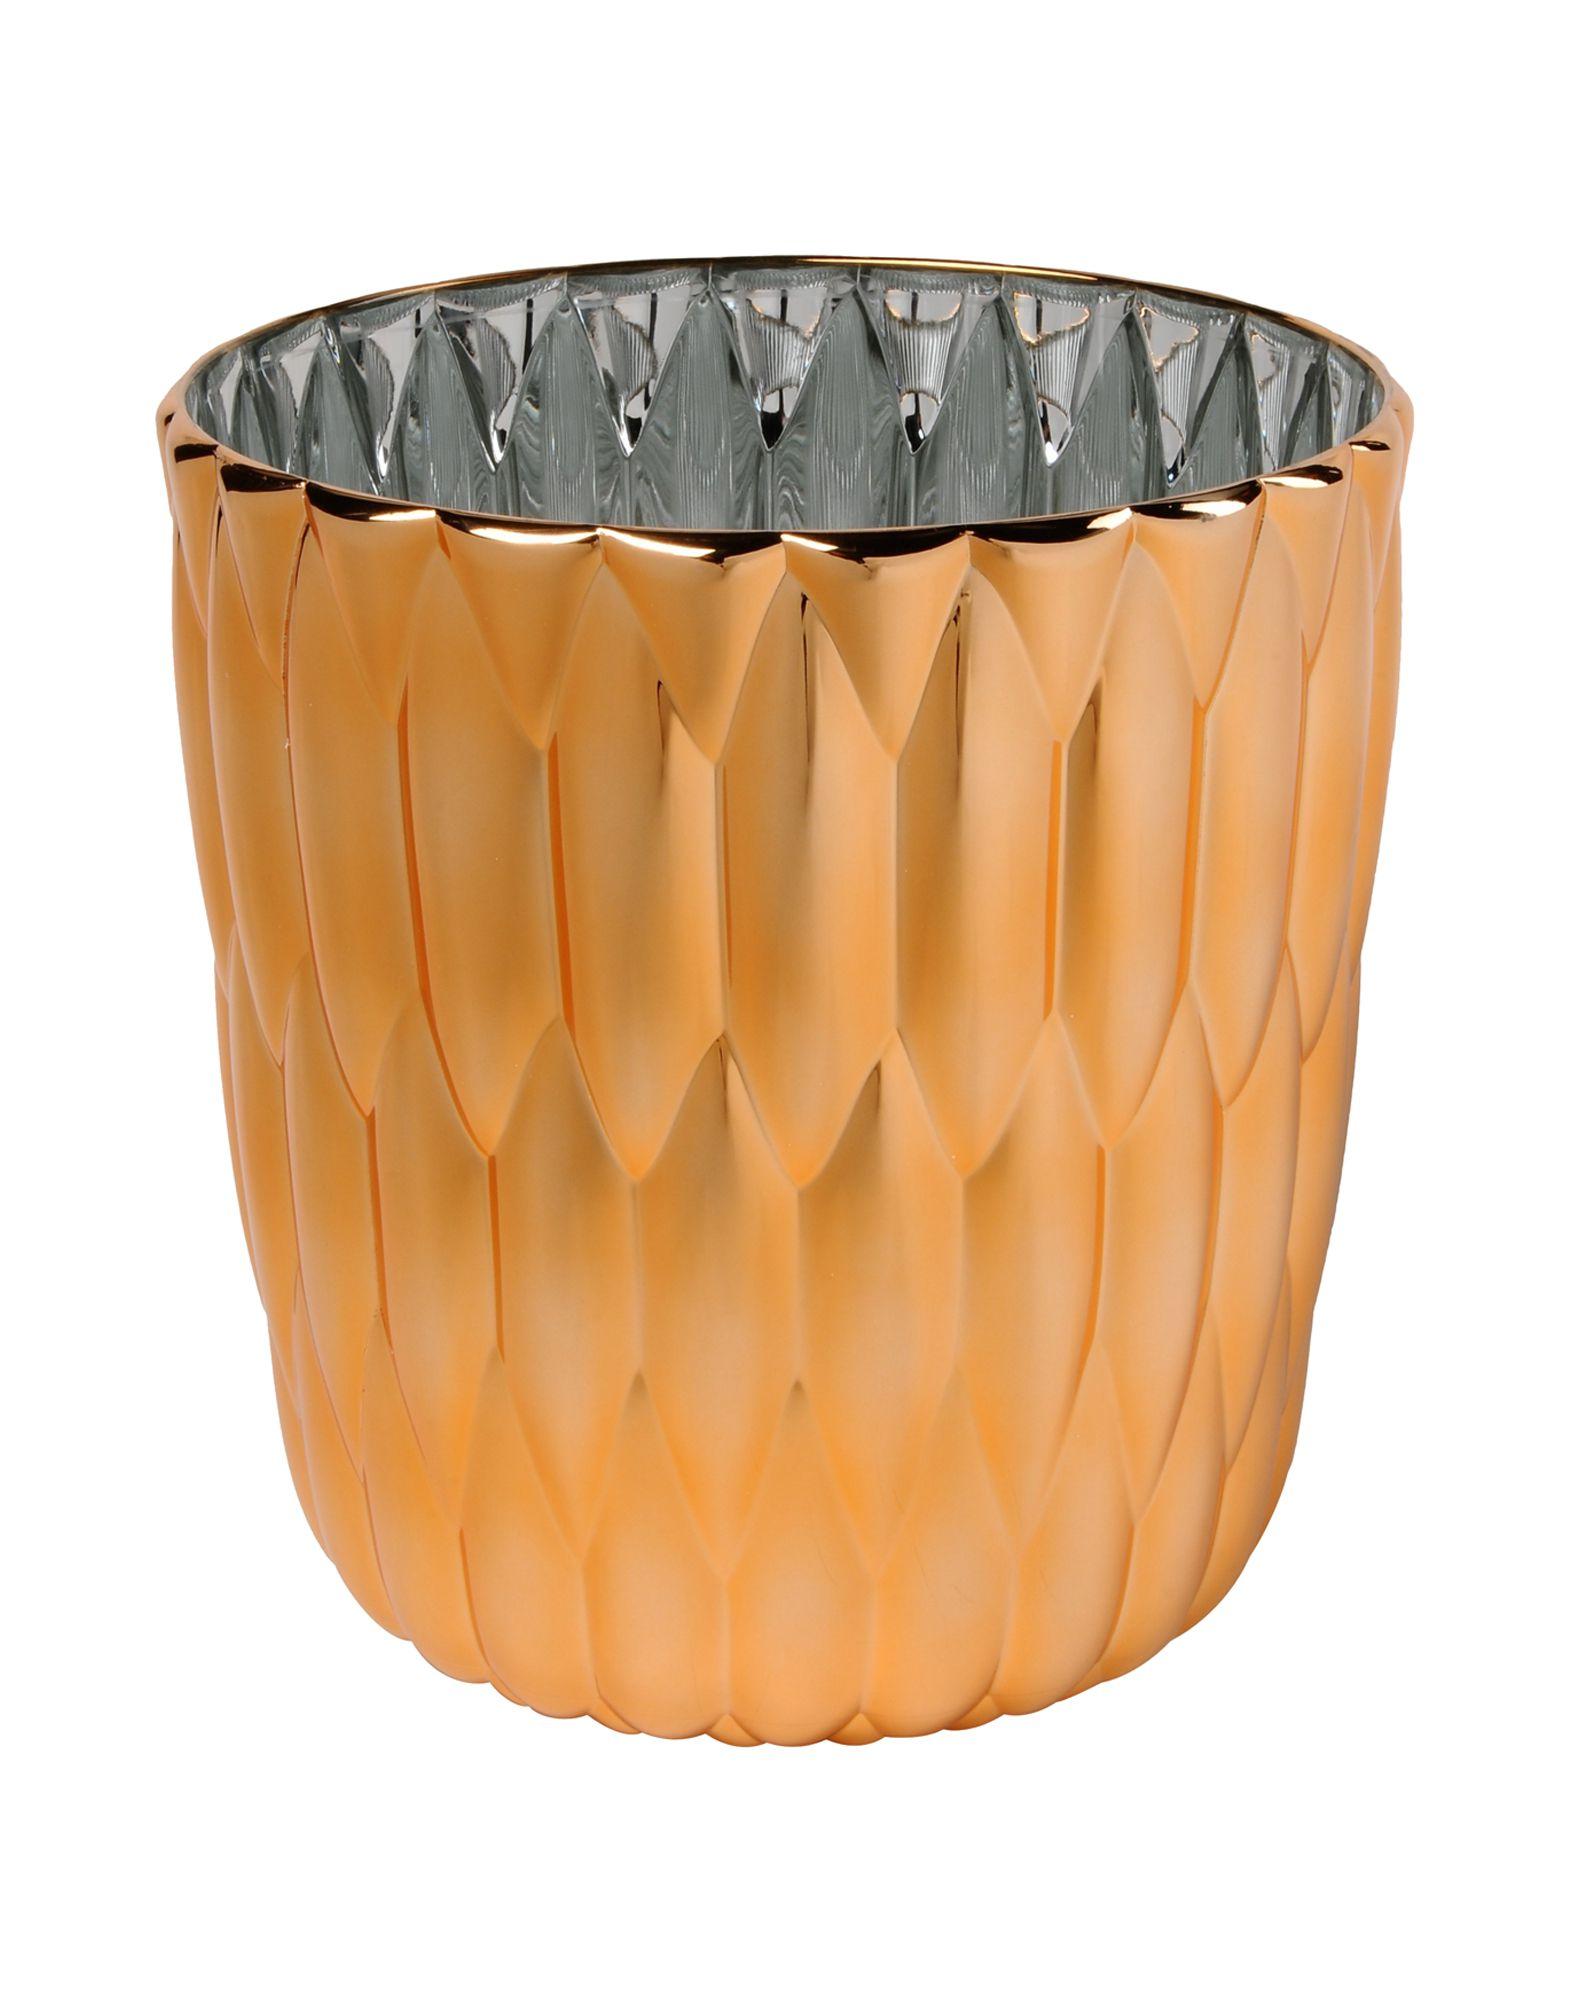 KARTELL Vases